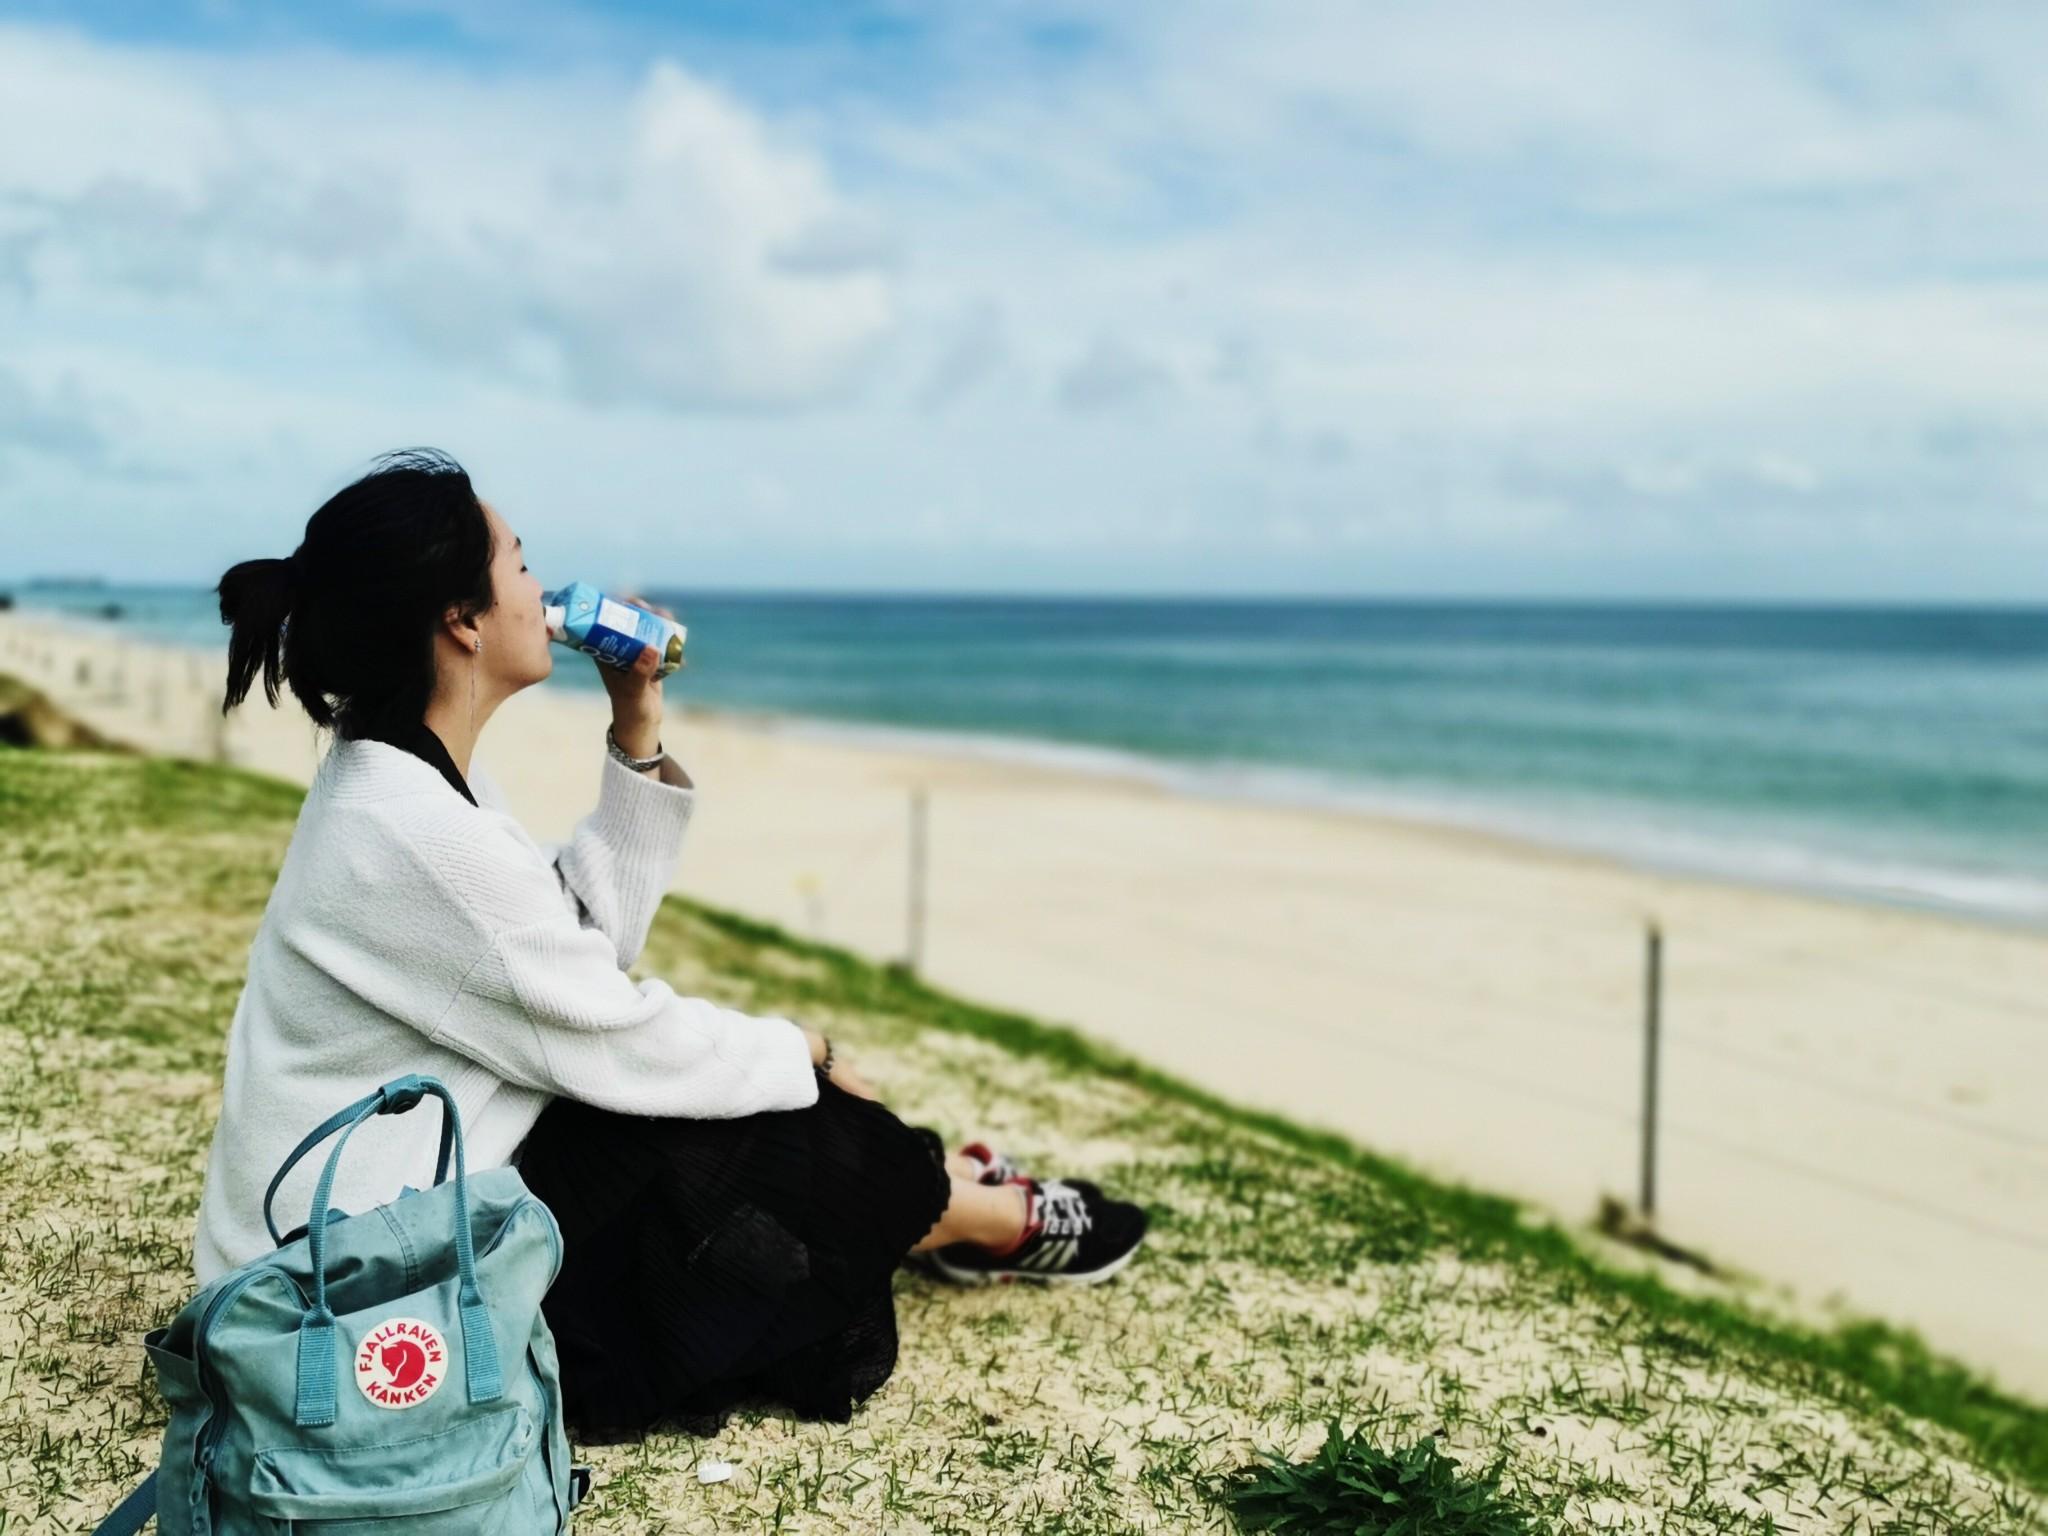 澳大利亚——遇见南半球的冬天,畅享碧海蓝天_游记